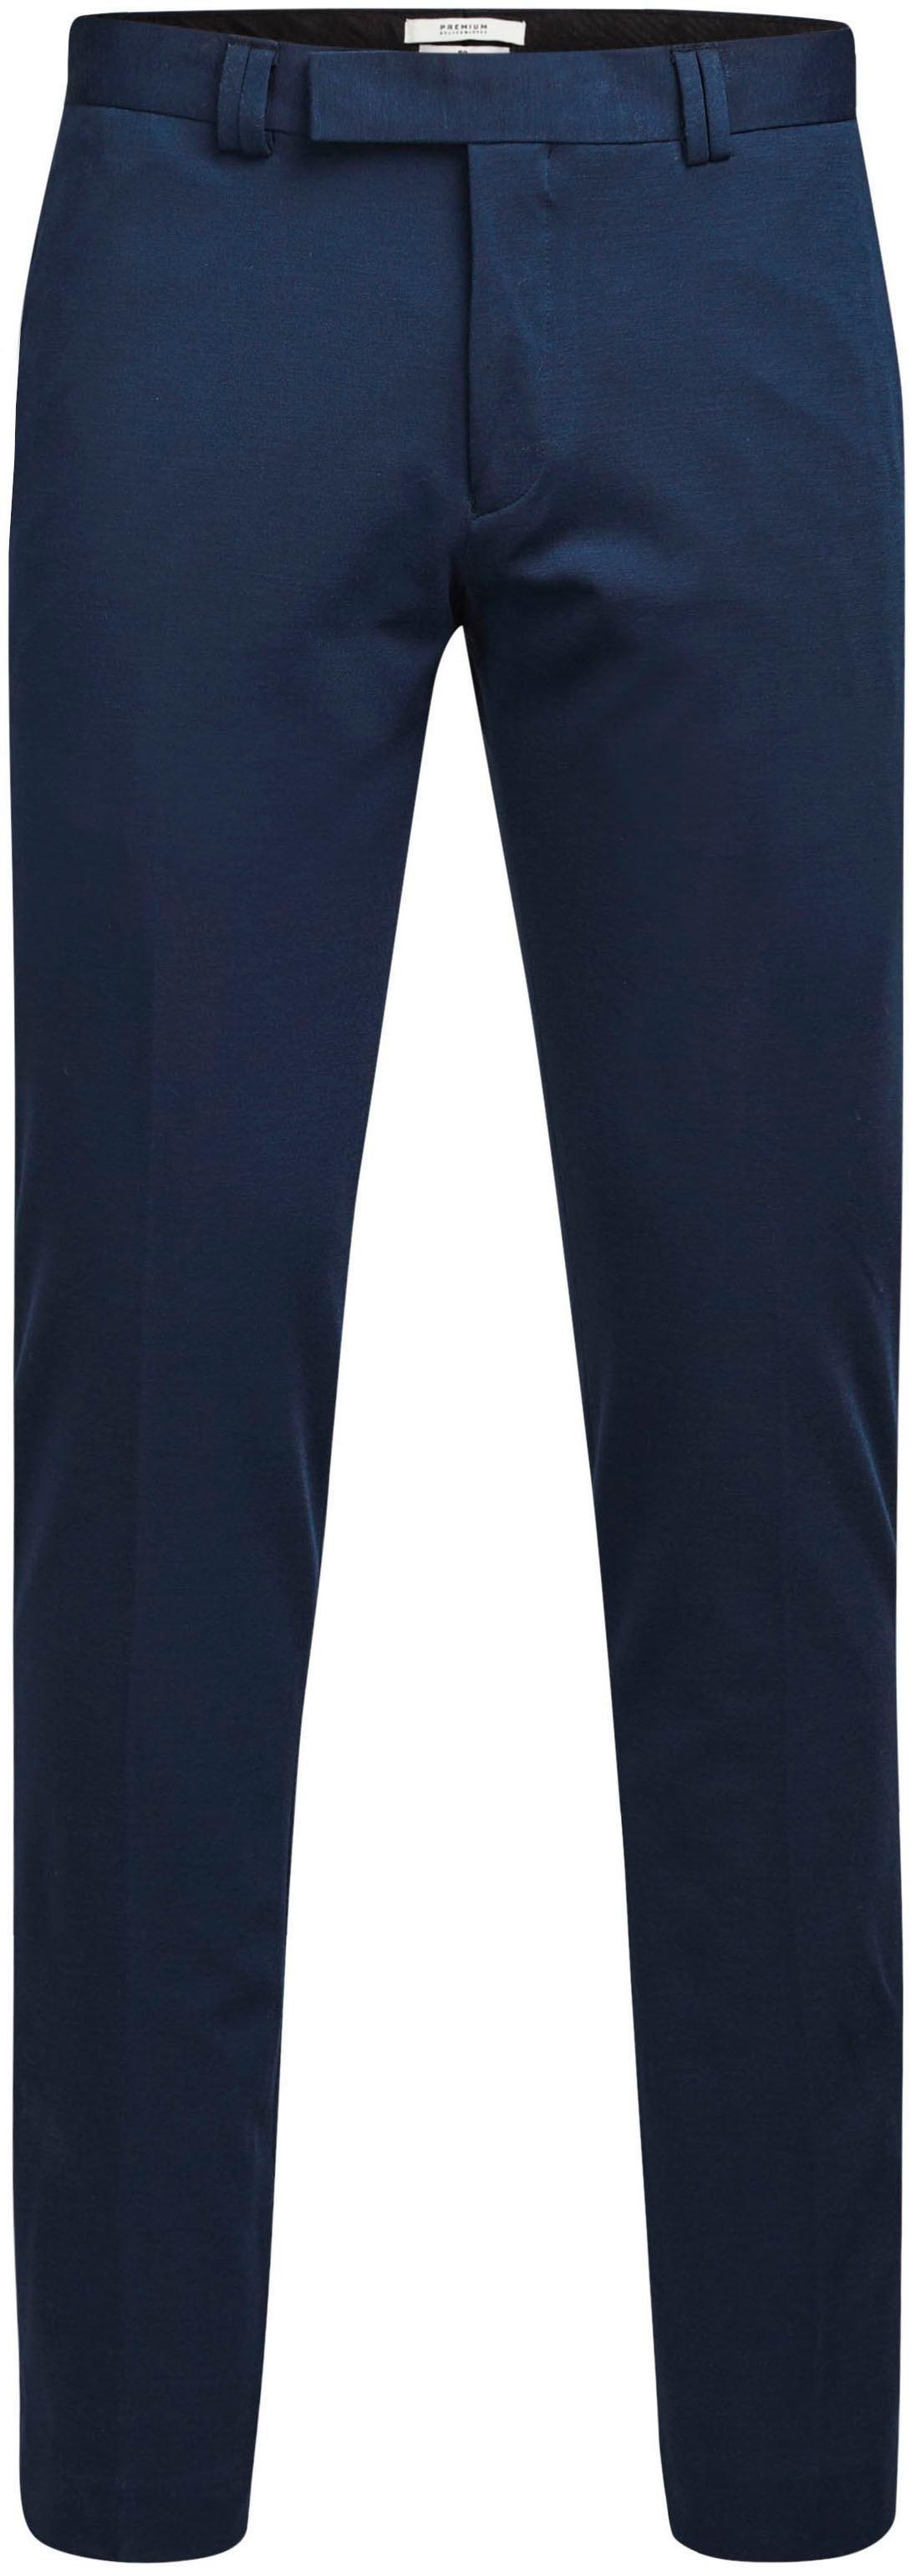 Jack & Jones Junior pantalon online kopen op otto.nl